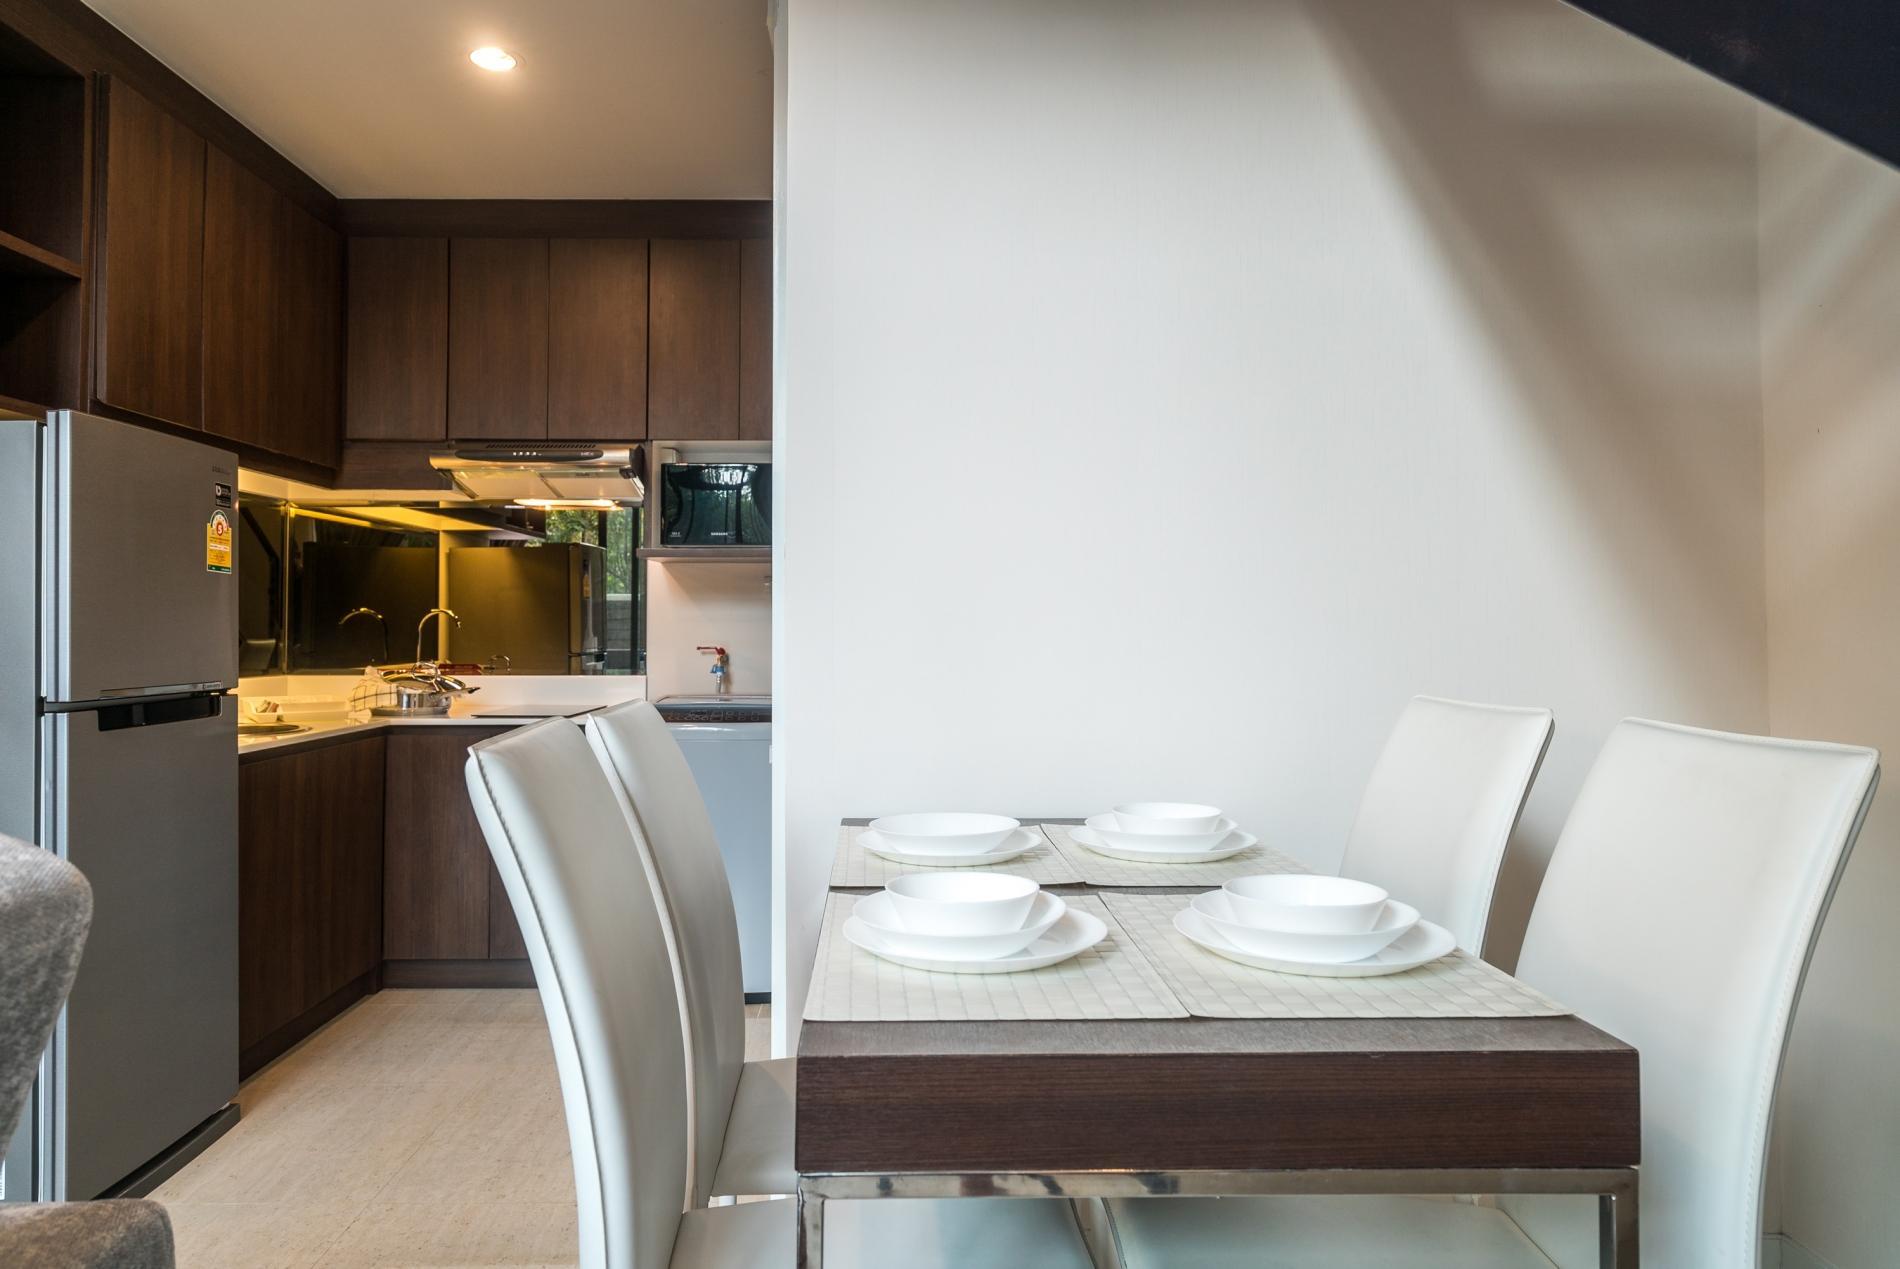 Apartment Aristo 216 - Pool access duplex in Surin condo for 4 people photo 20388822